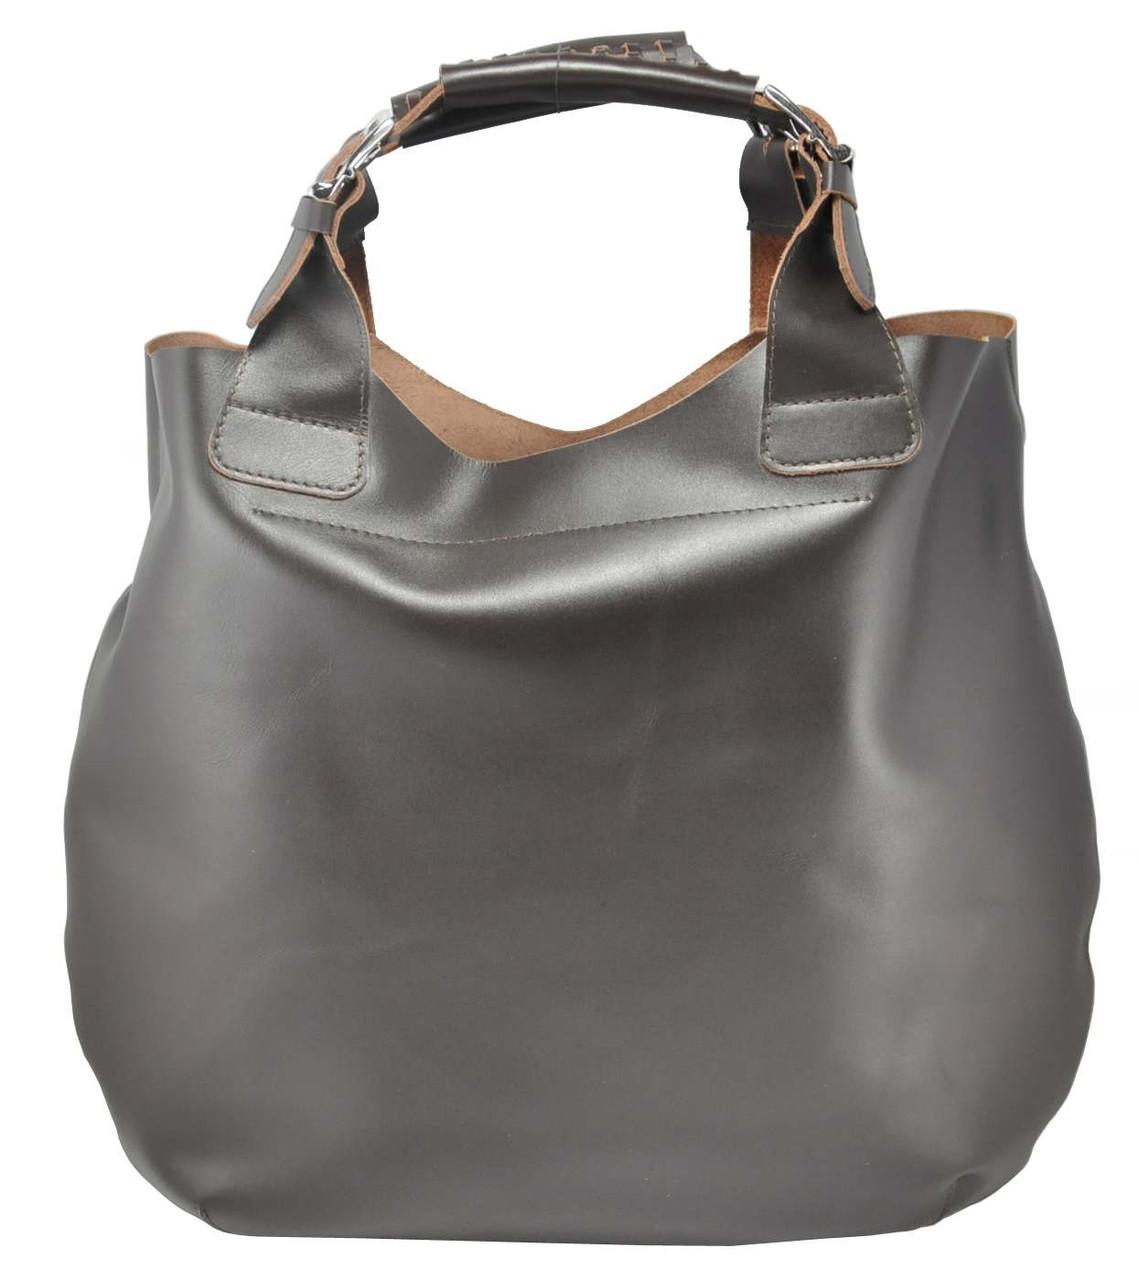 17e93feb3063 Женская кожаная сумка Zara коричневая - Интернет магазин